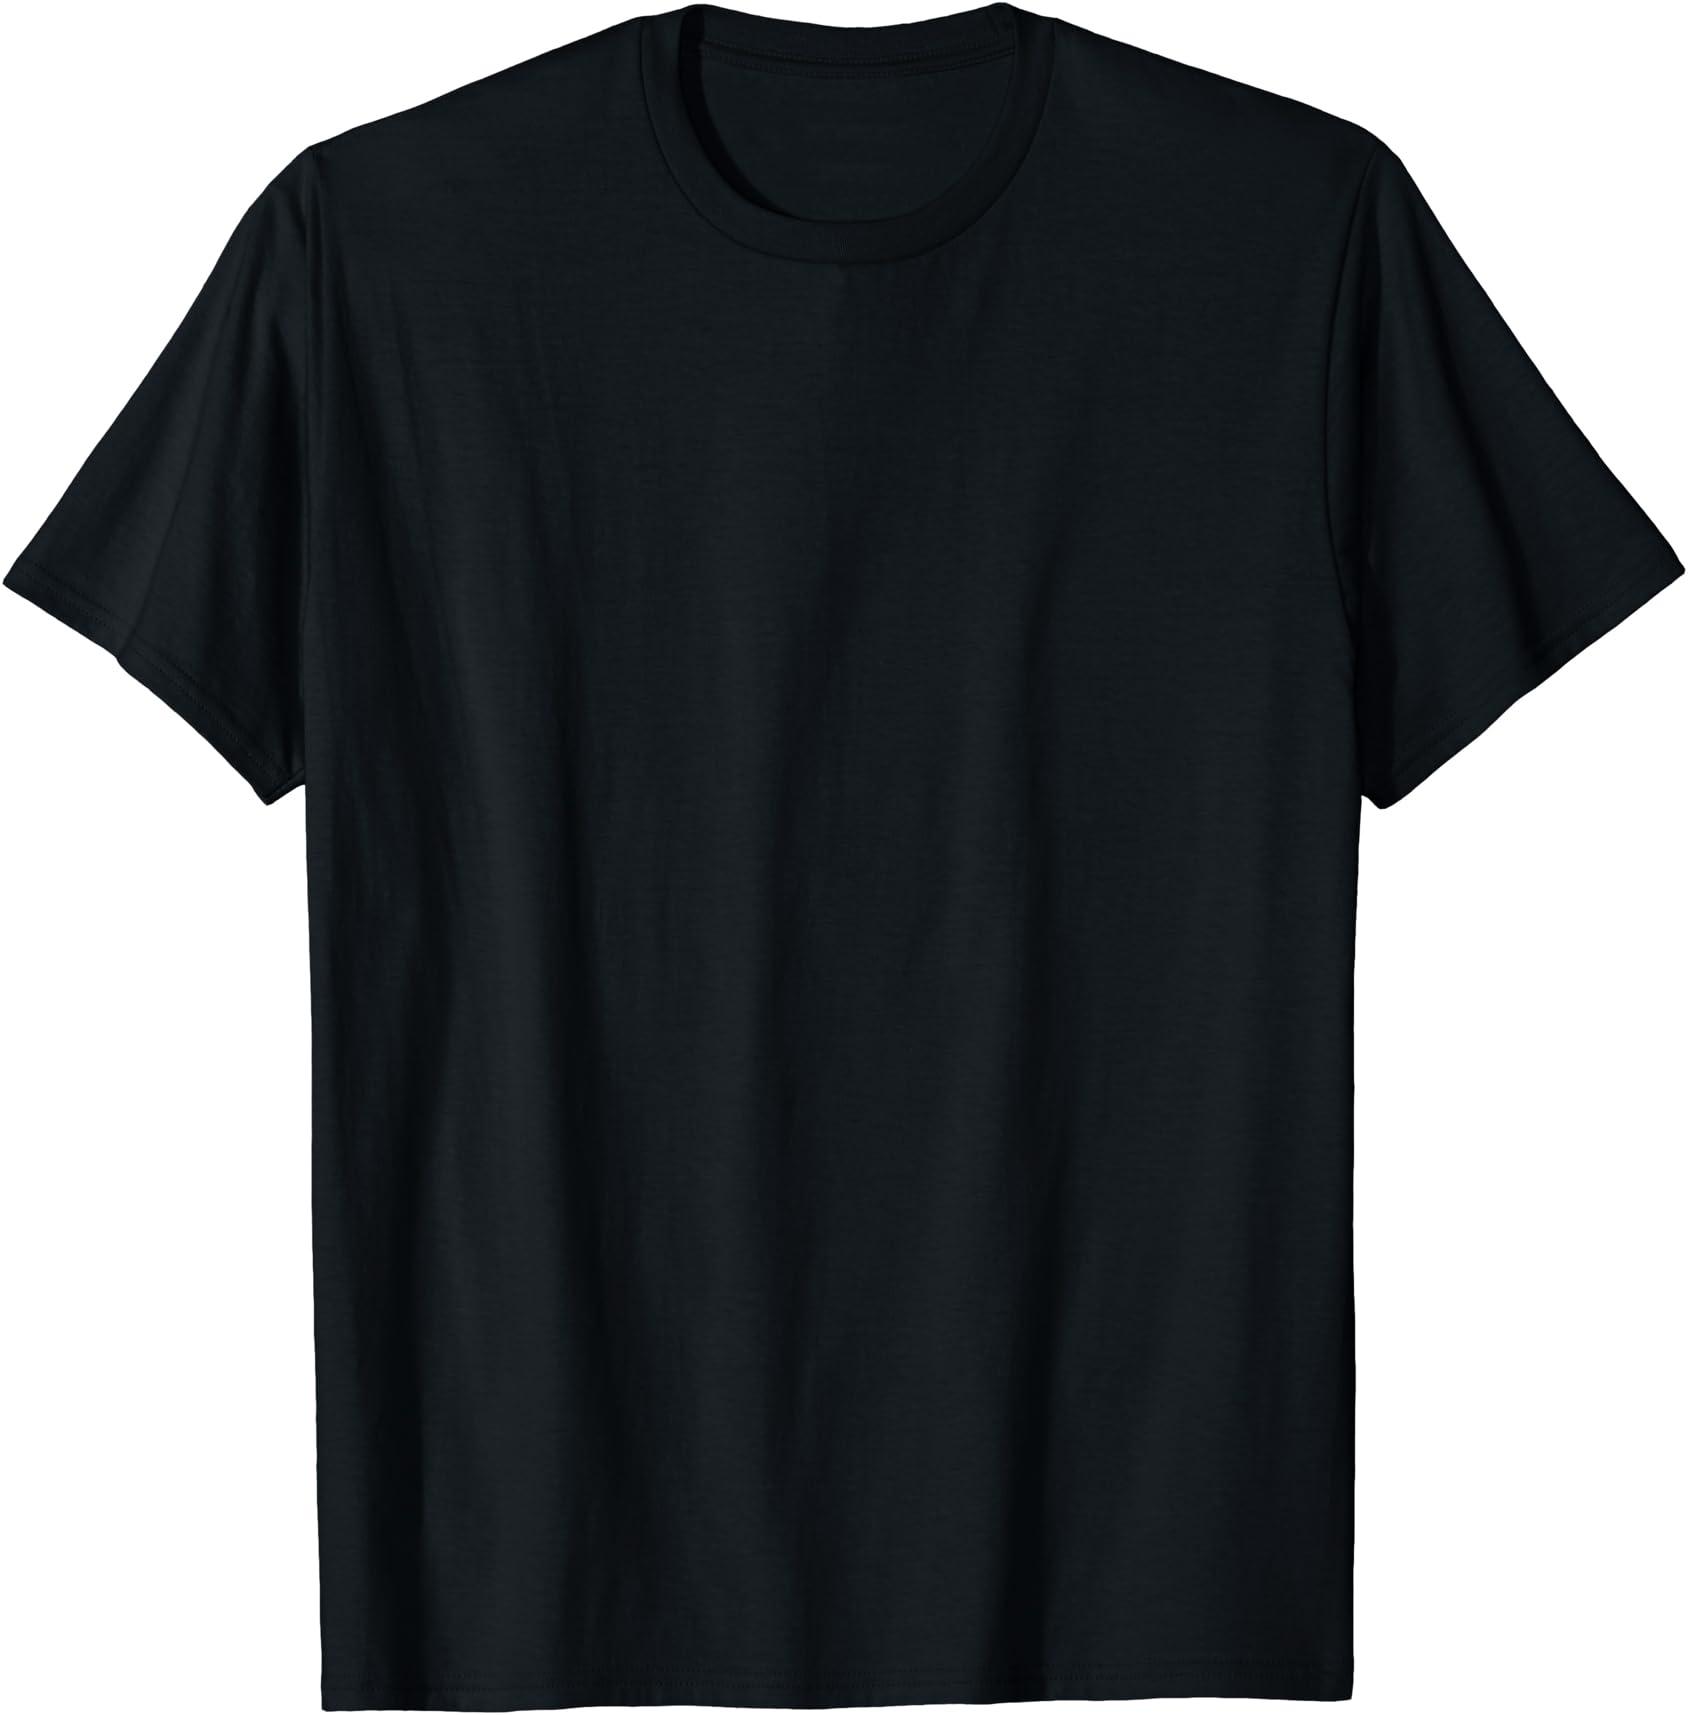 Golden Unicorns Women Cotton Blend T-Shirt